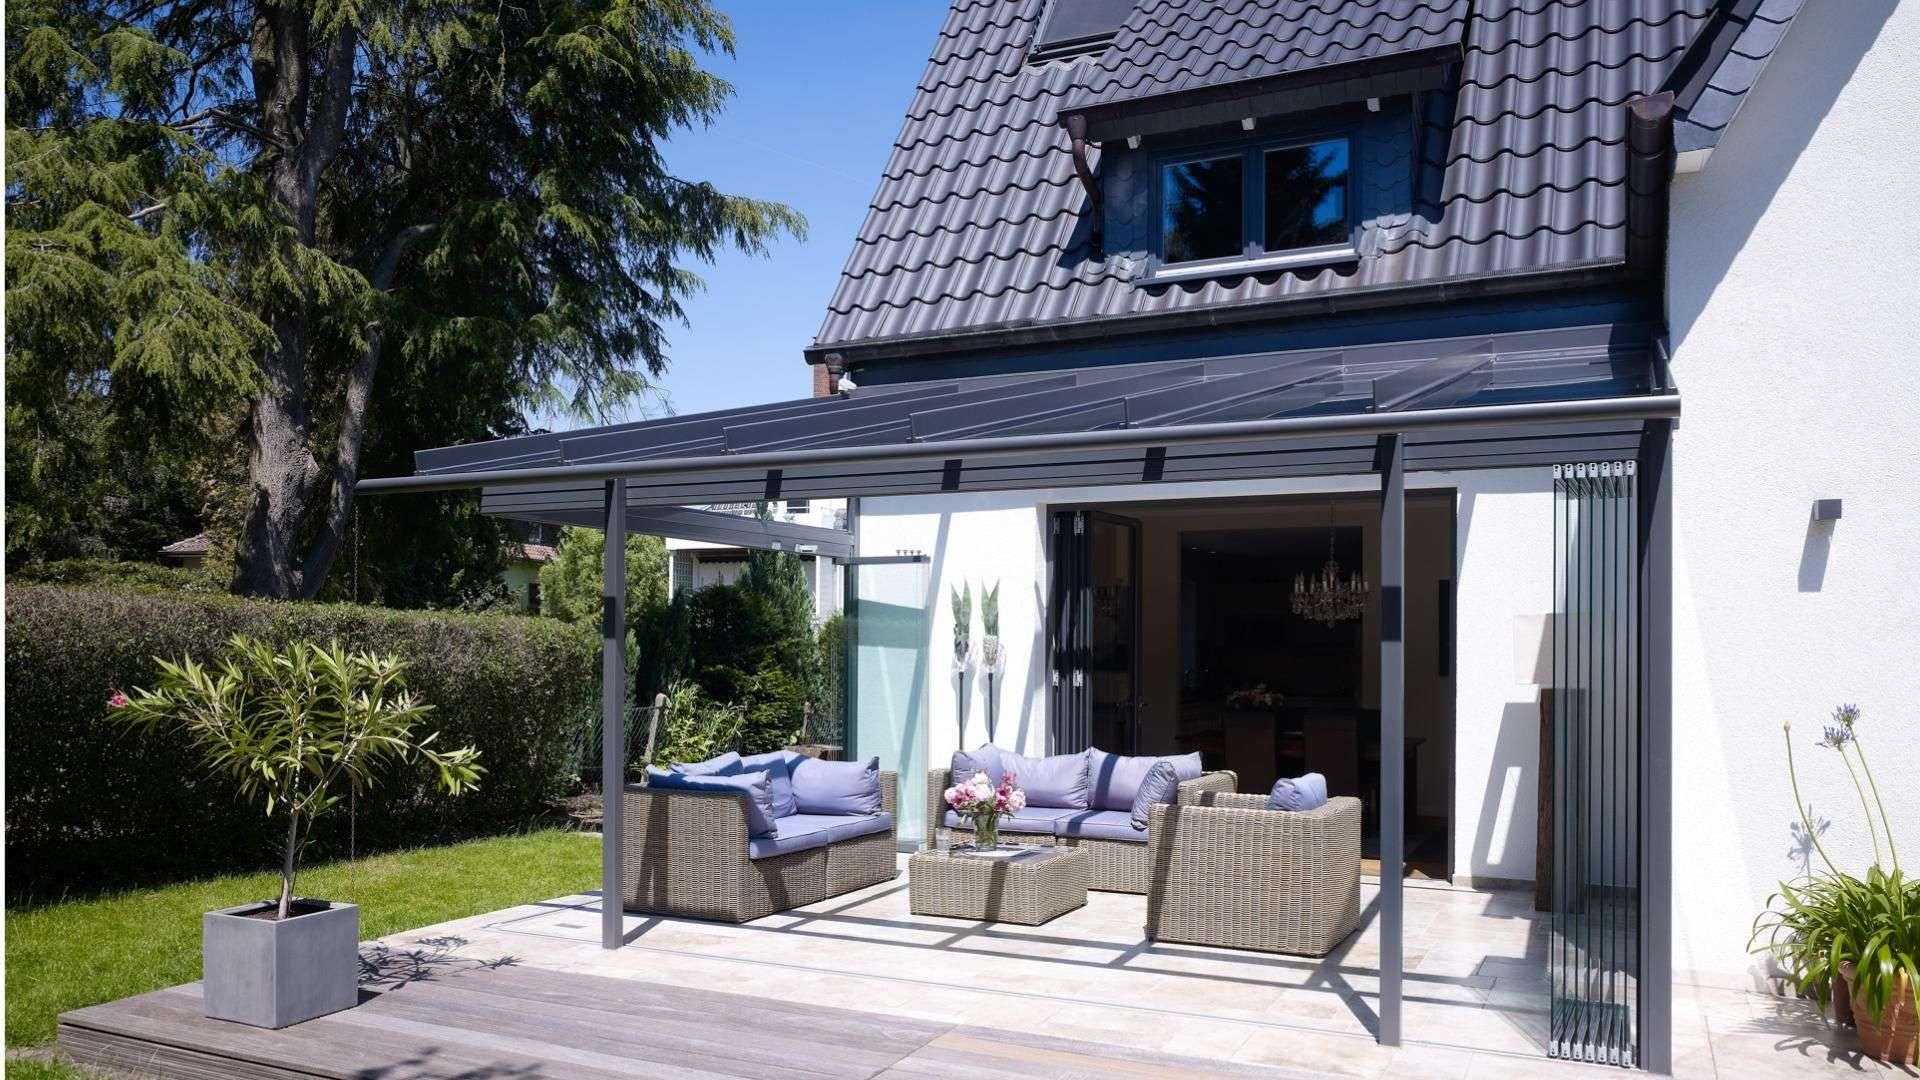 Glashaus auf der Terrasse eines Einfamilienhauses